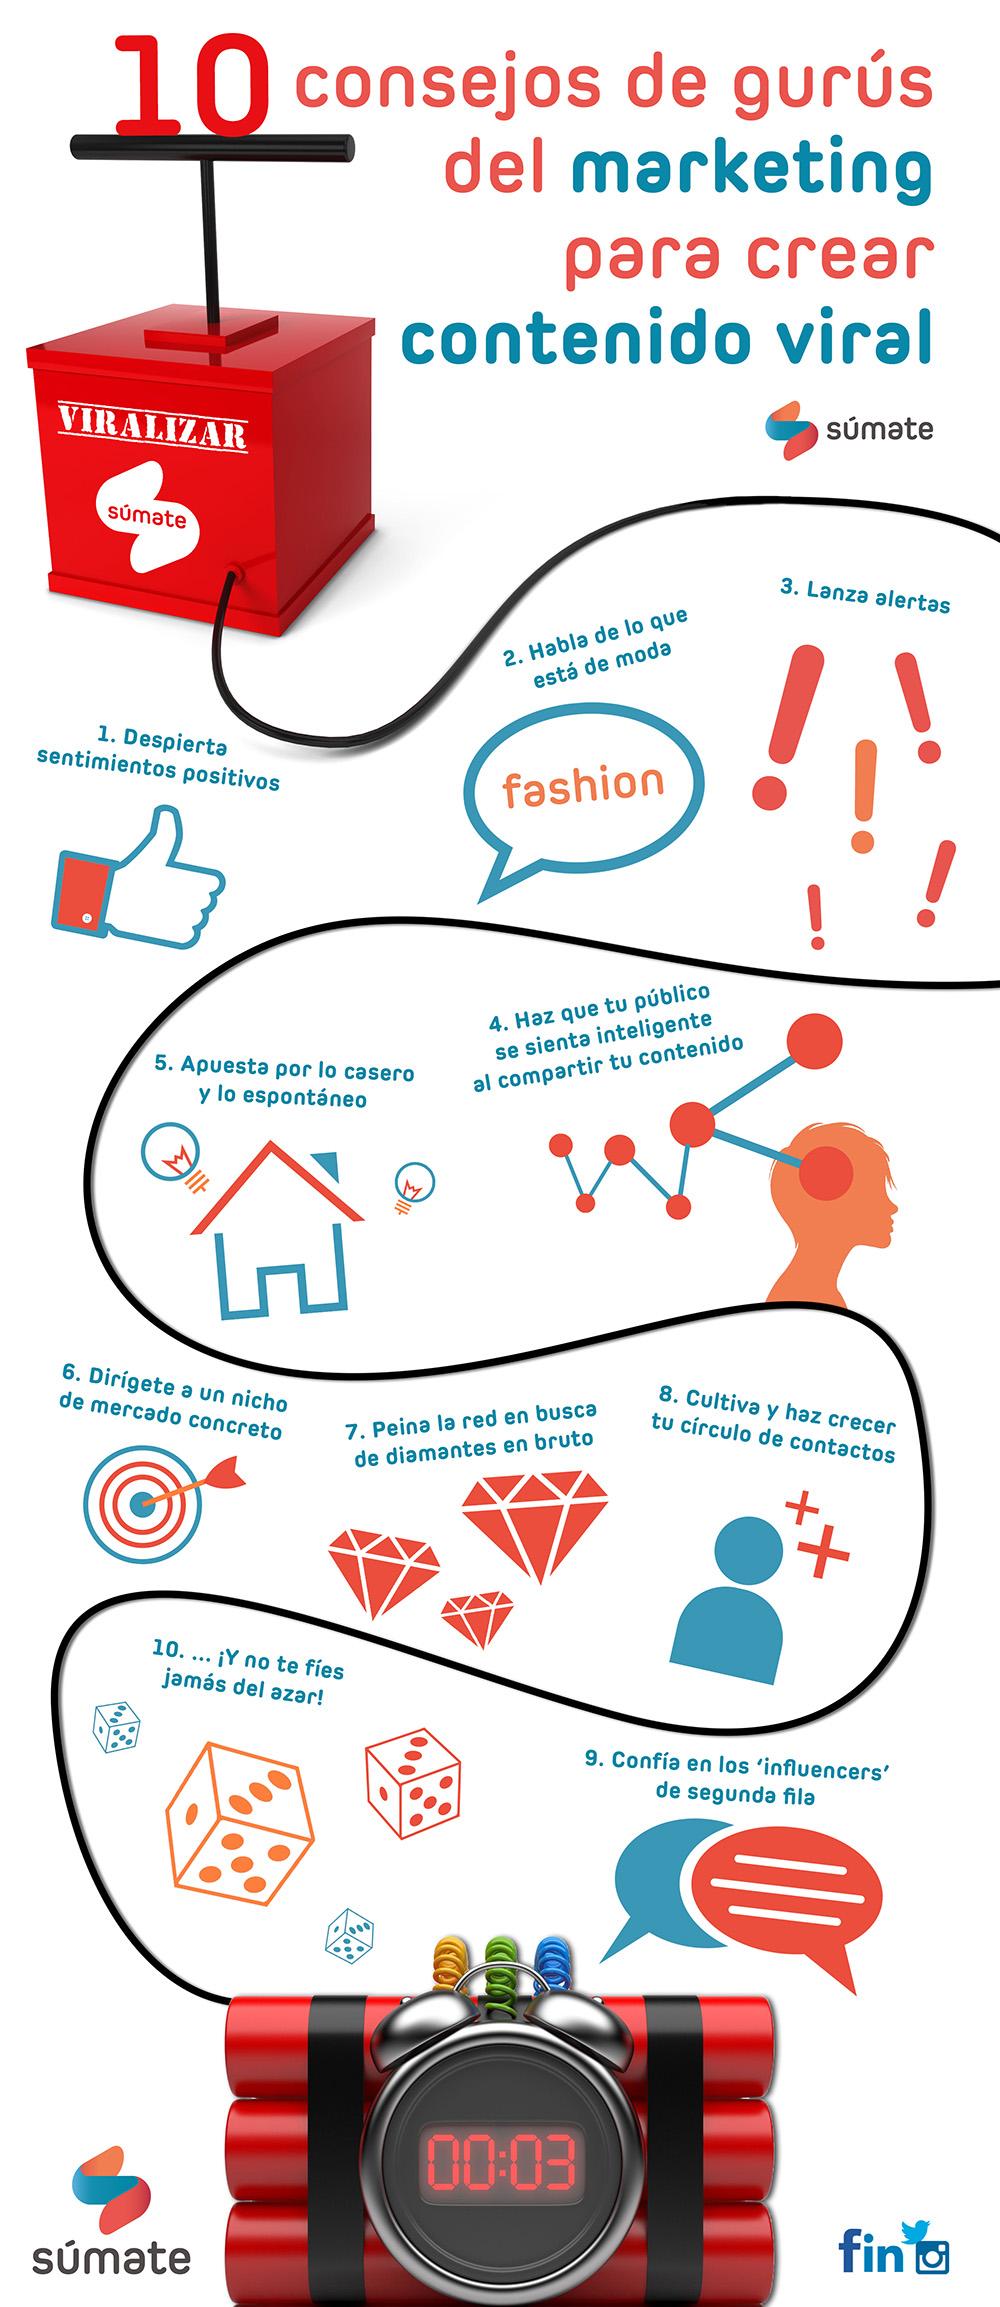 10 consejos de gurús del marketing para crear contenido viral